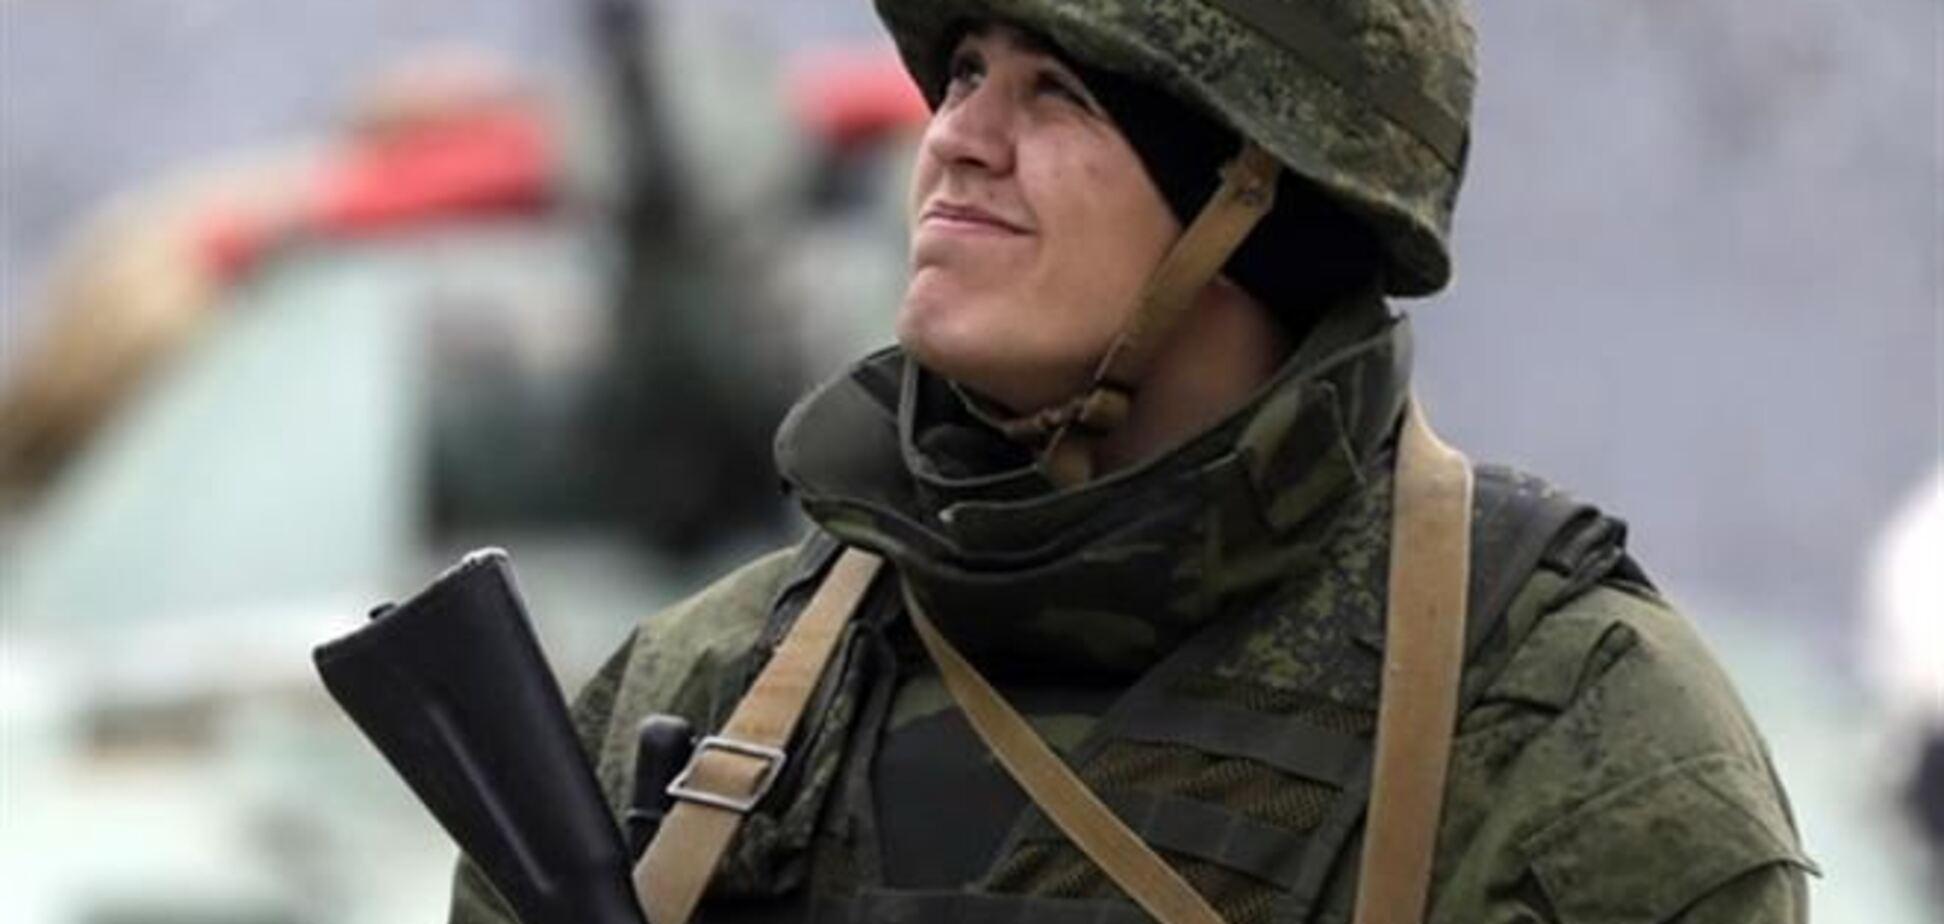 WP: Украина не дает россиянам повода для открытия огня